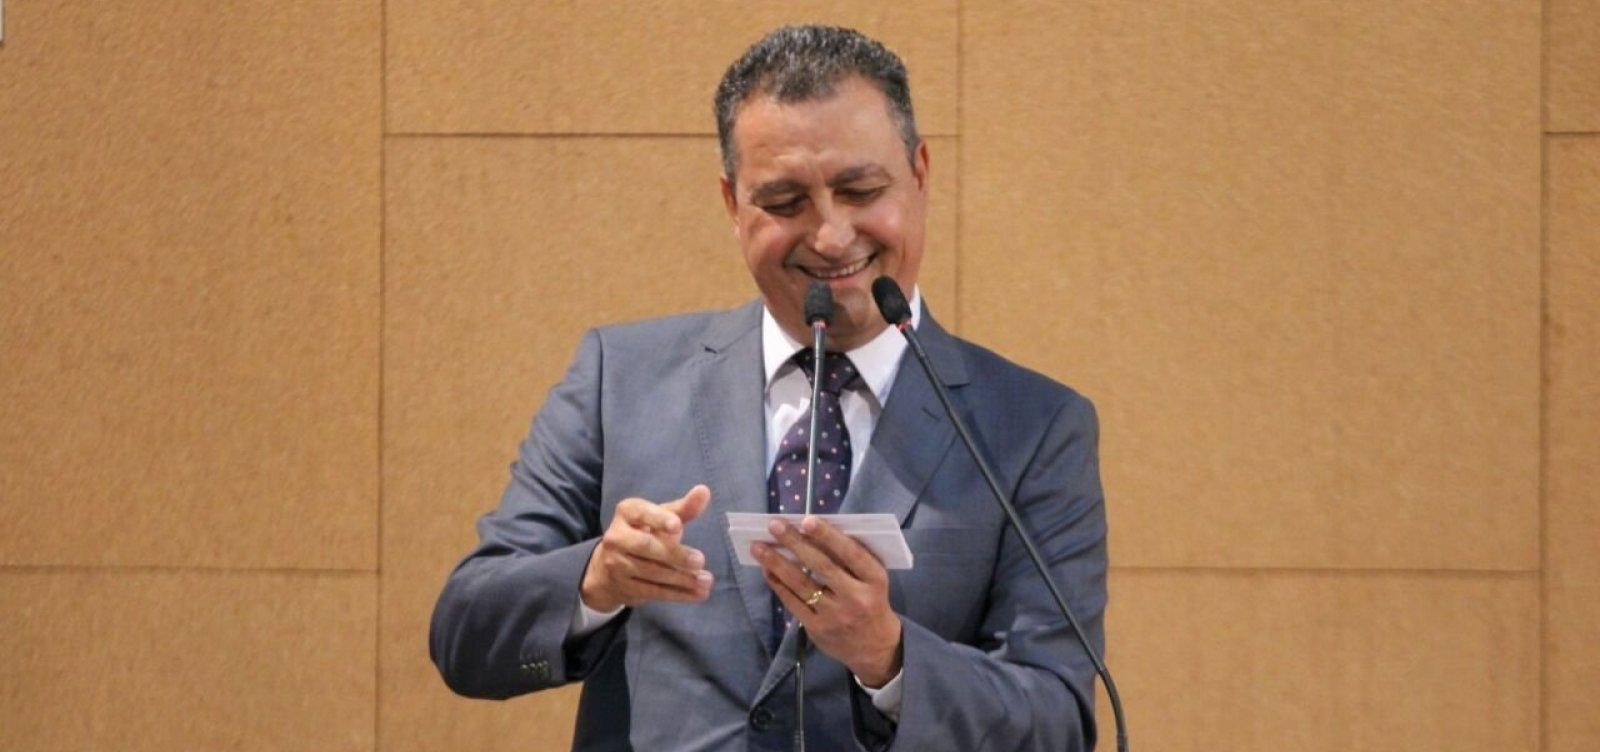 Rui lidera ranking de governadores que mais cumpriram promessas de campanha